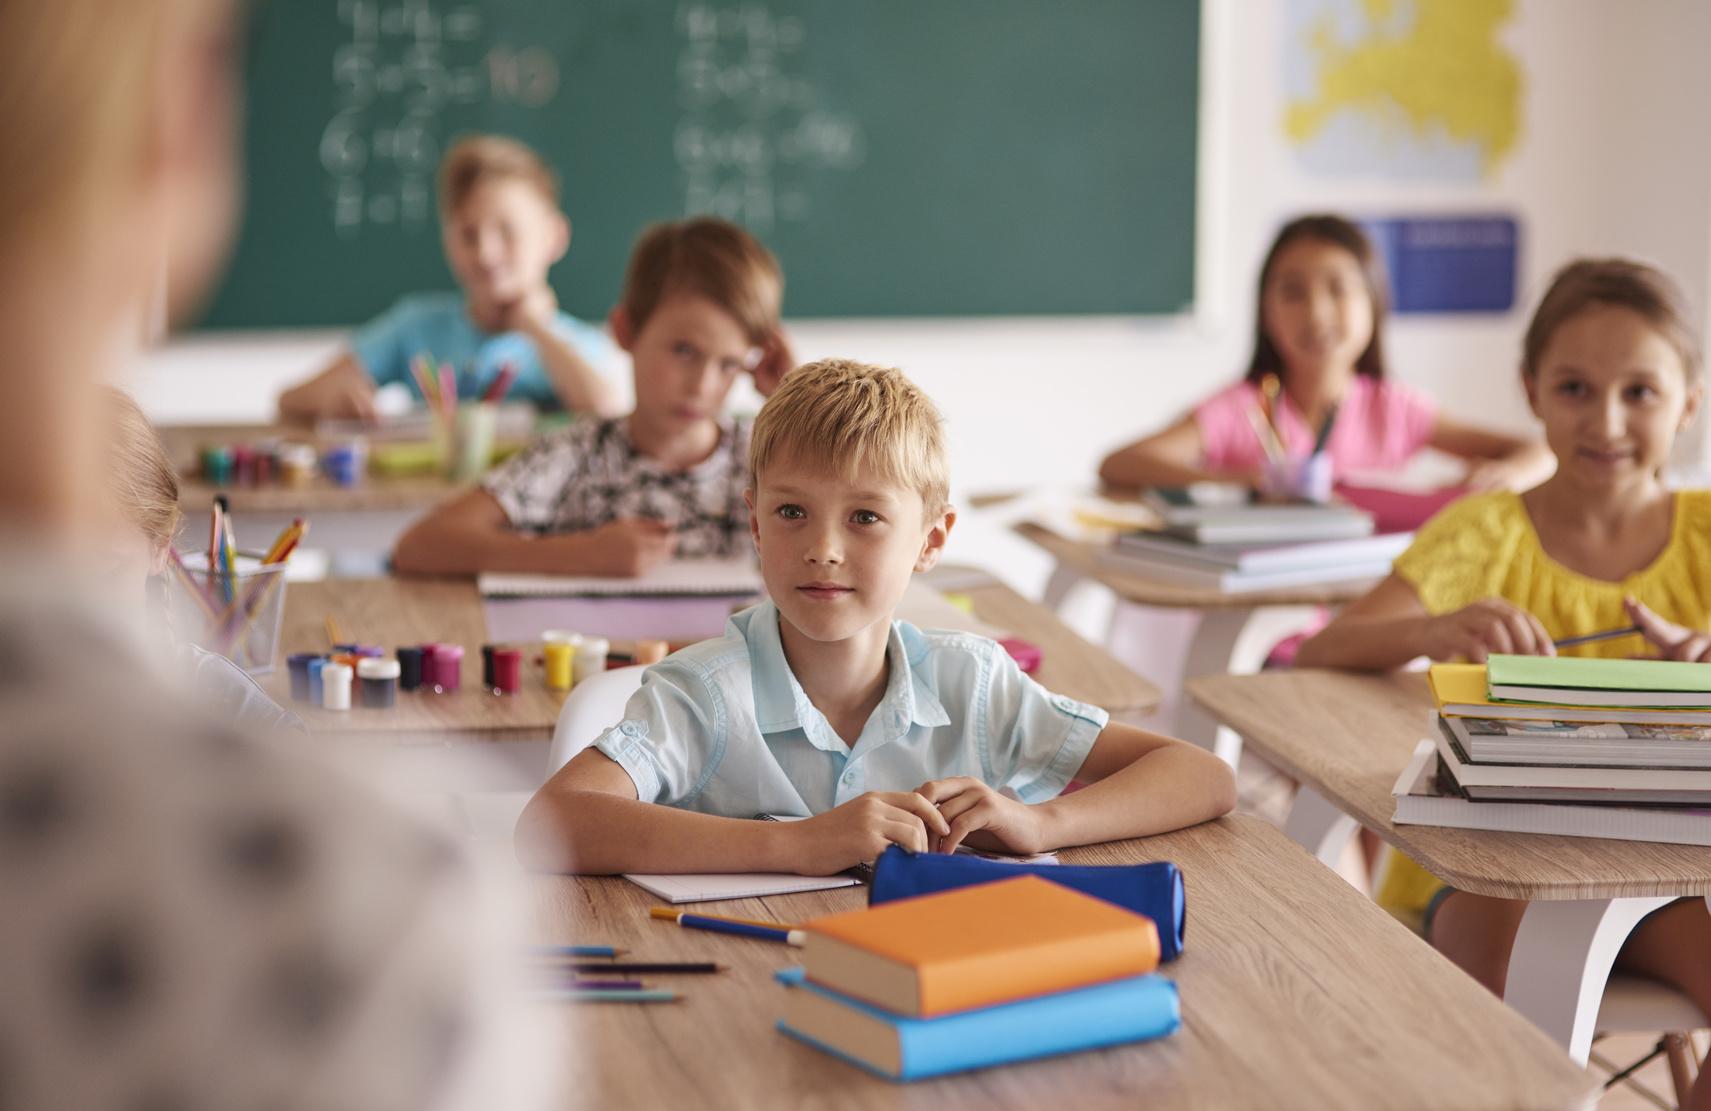 szkoła klasa uczniowie dzieci lekcja - Fotolia